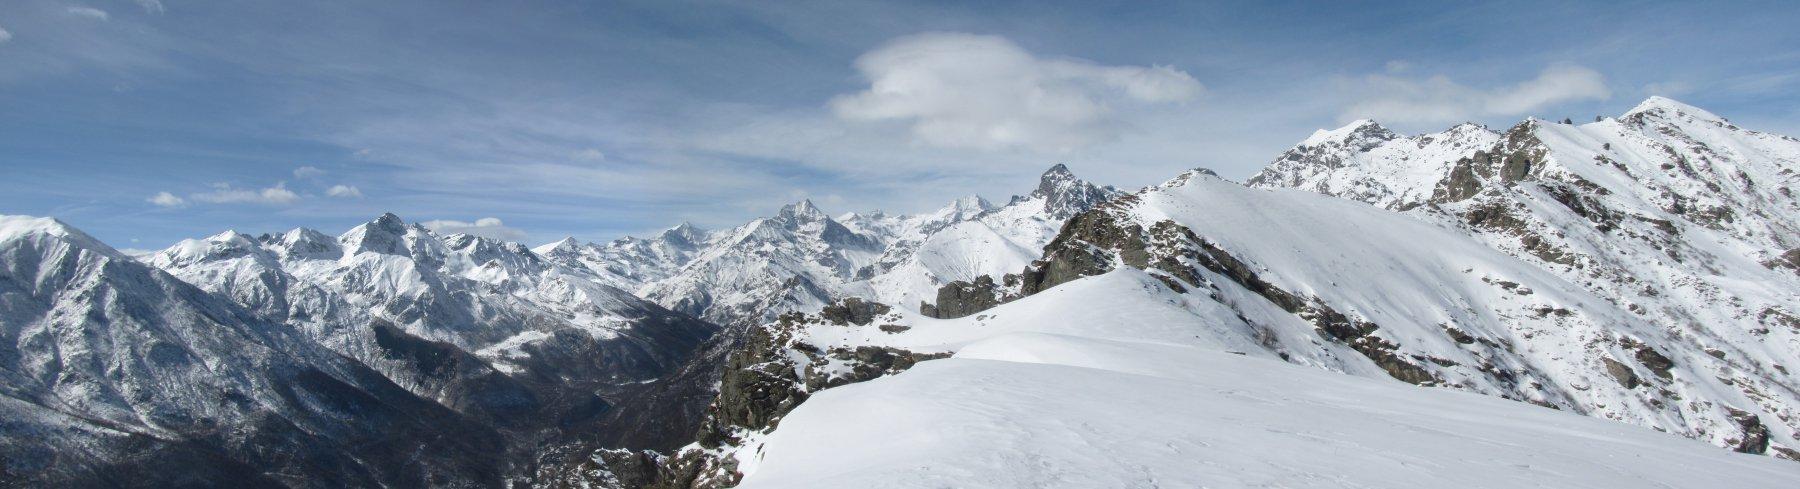 parte del notevole panorama dalla cresta, con Rocciamelone, Lera, Croce Rossa, Torre d'Ovarda, Ciorneva